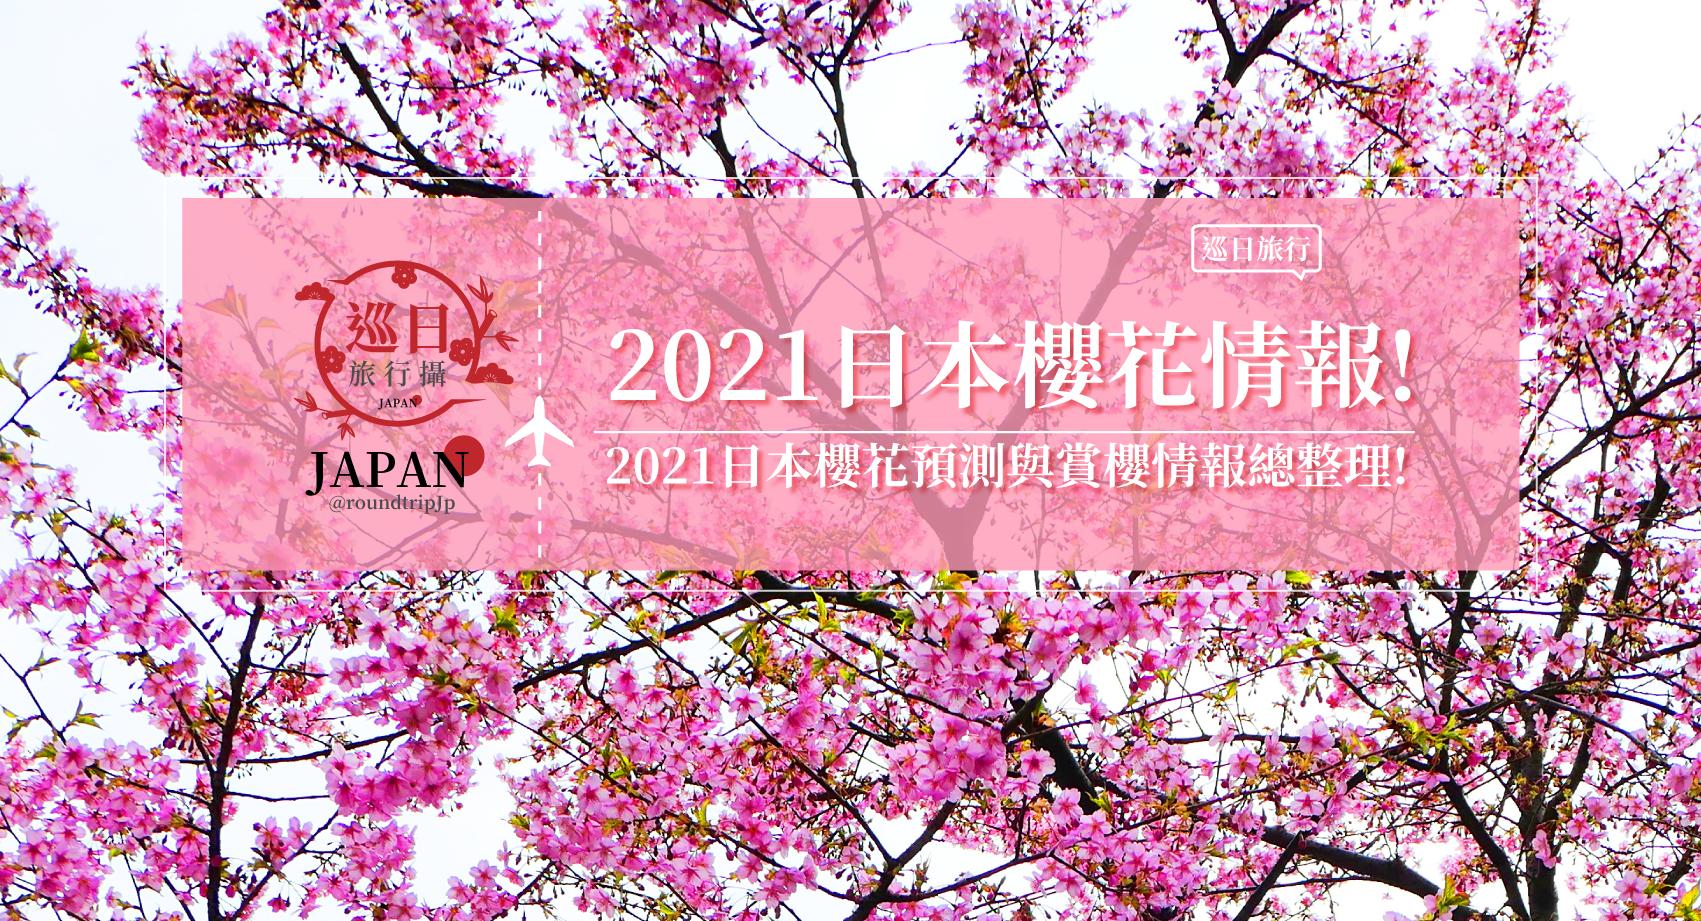 2021日本櫻花情報總整理 | 2021櫻花預測 | Sakura | 2021 | 巡日旅行攝